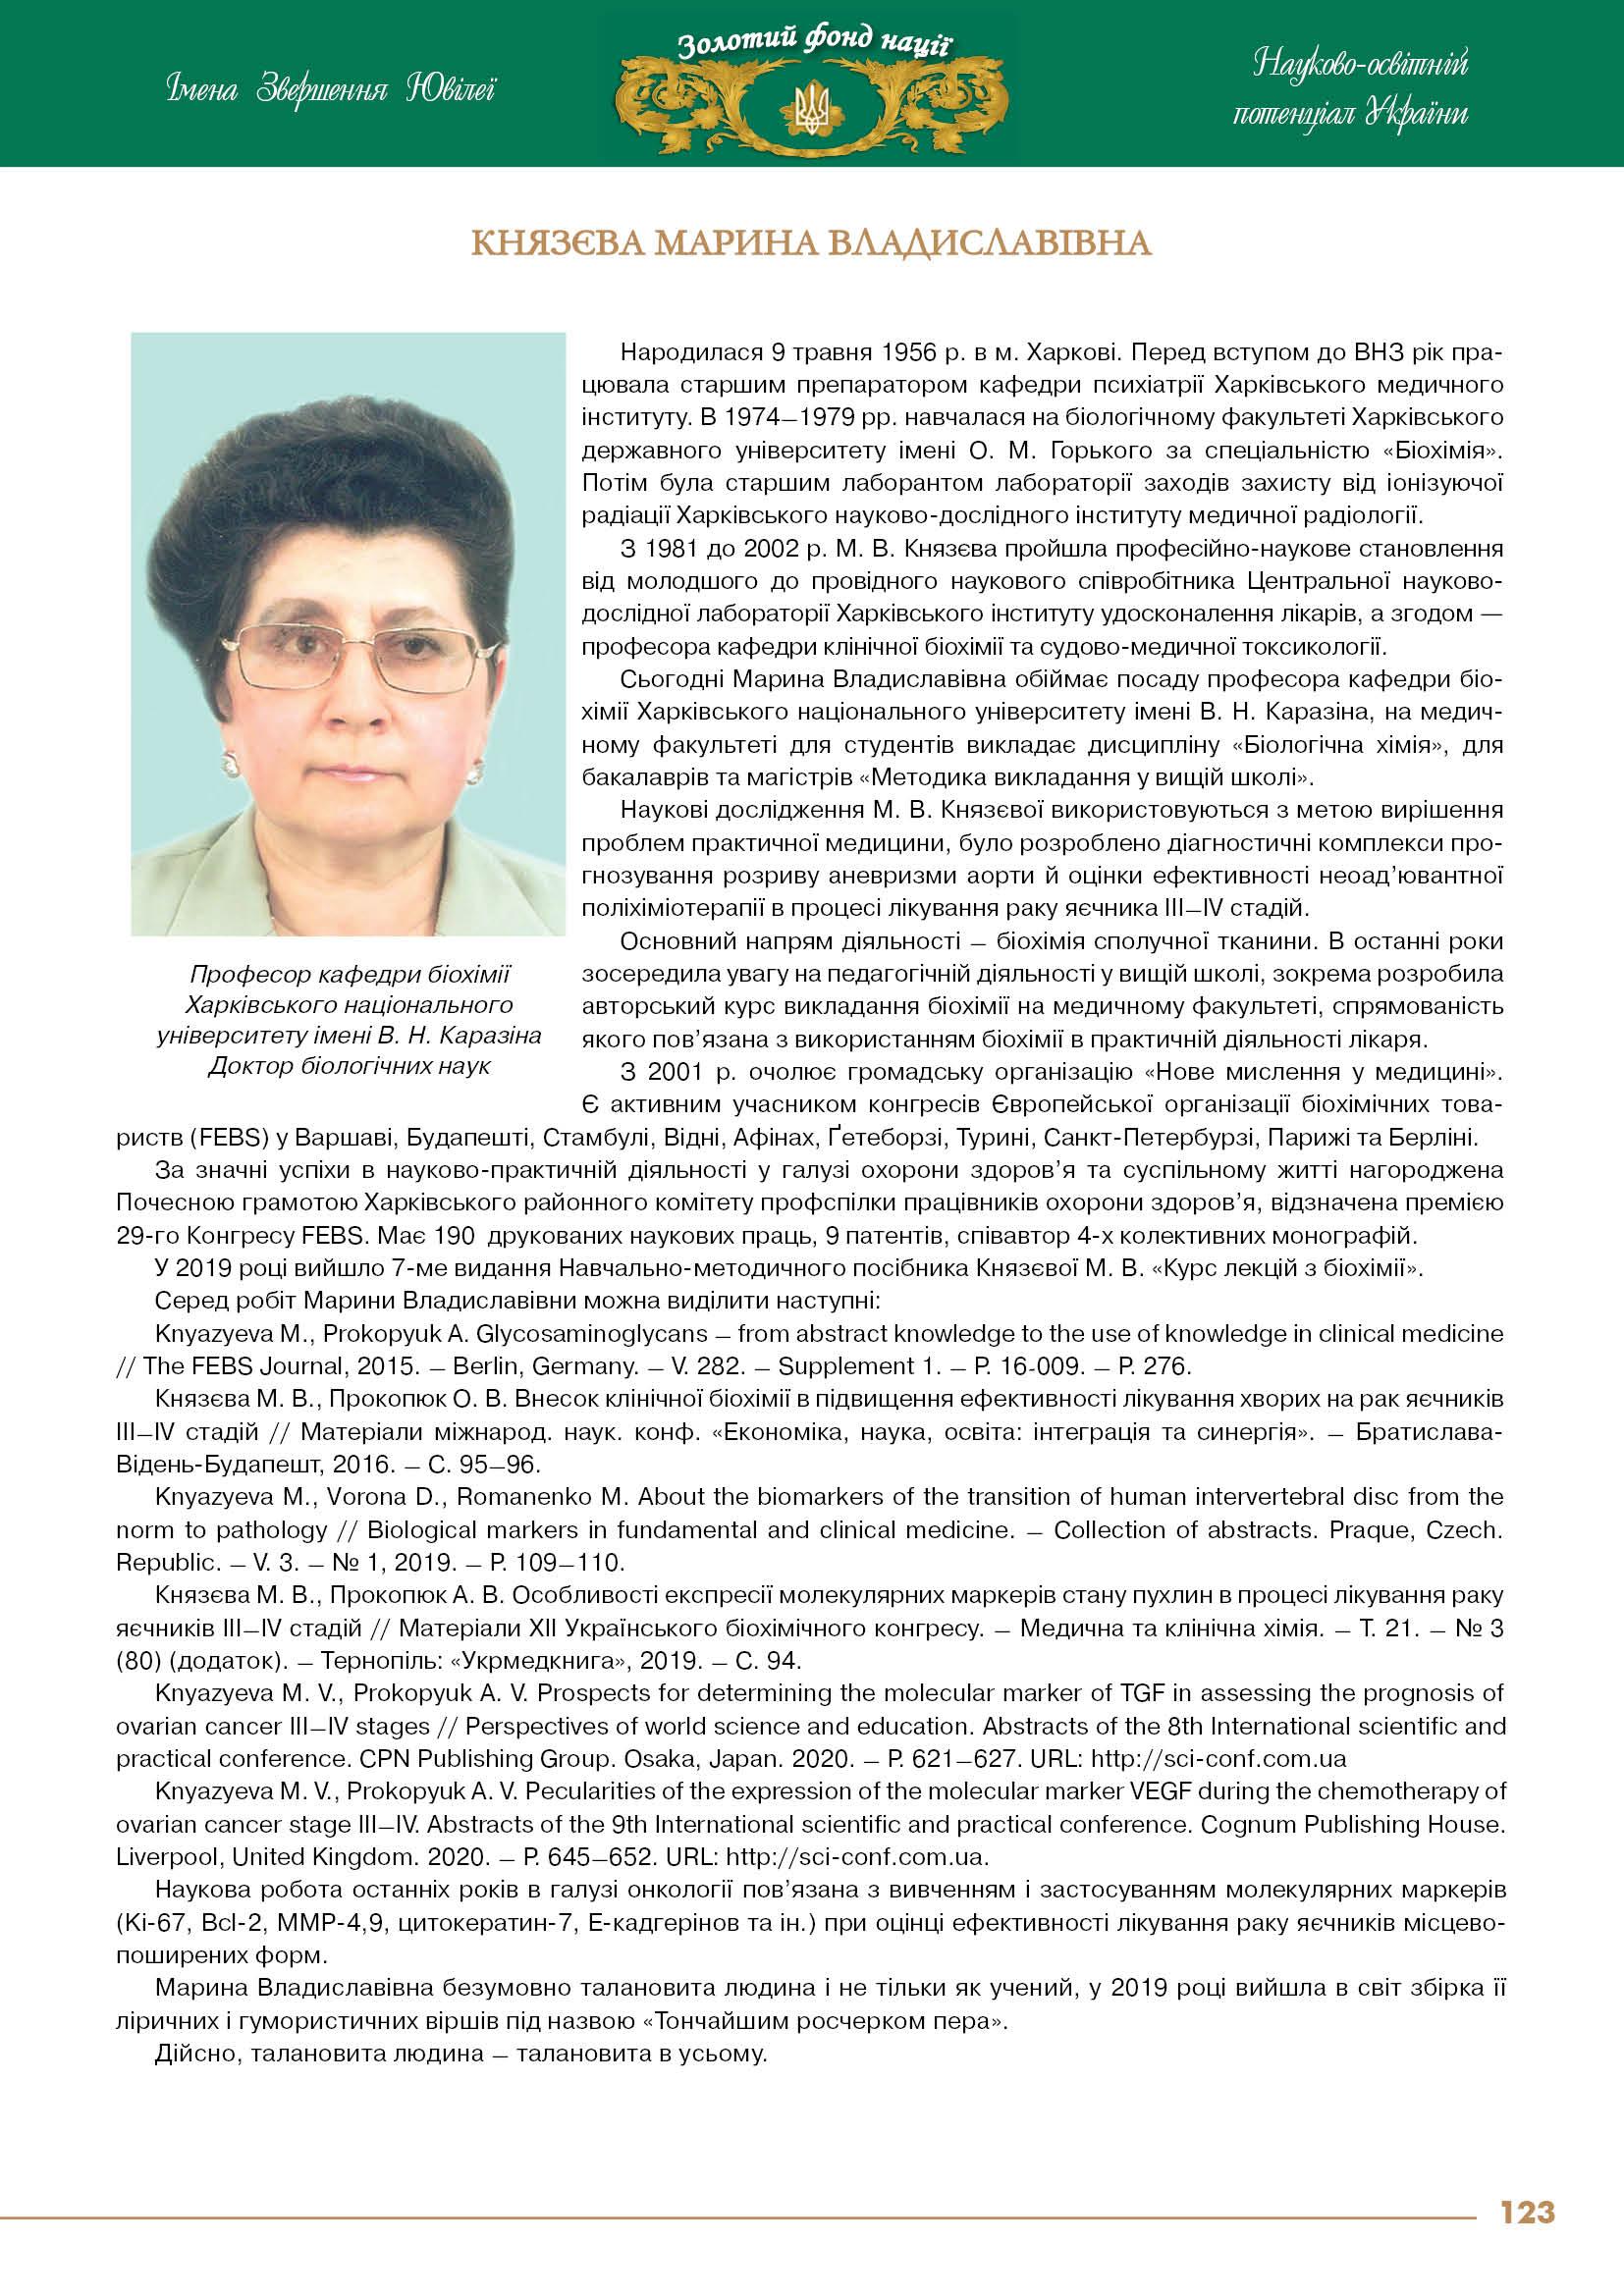 Князєва Марина Владиславівна